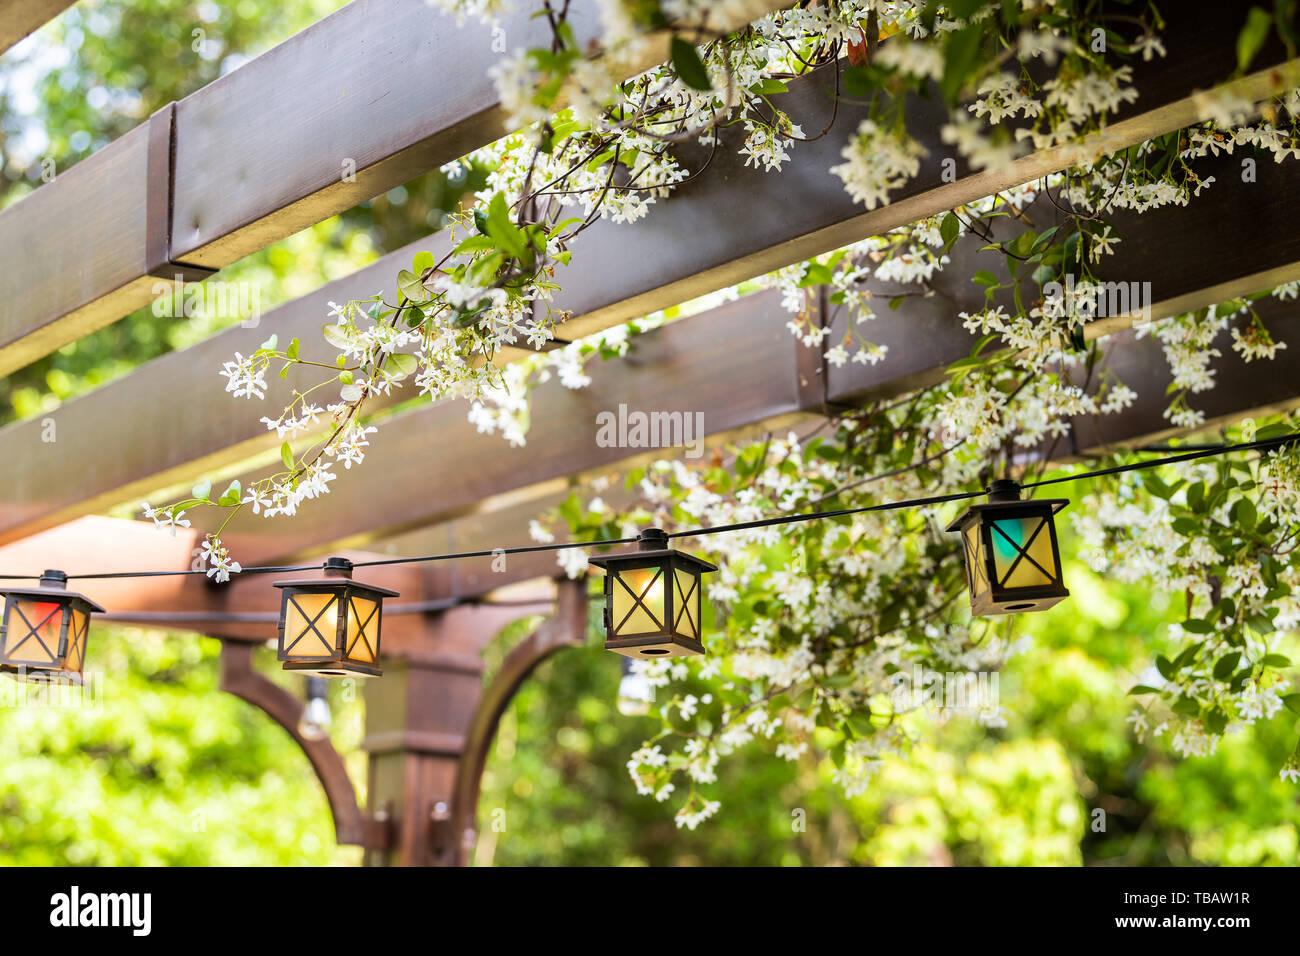 Luci Per Tettoia In Legno patio esterno giardino di primavera nel cortile di casa con